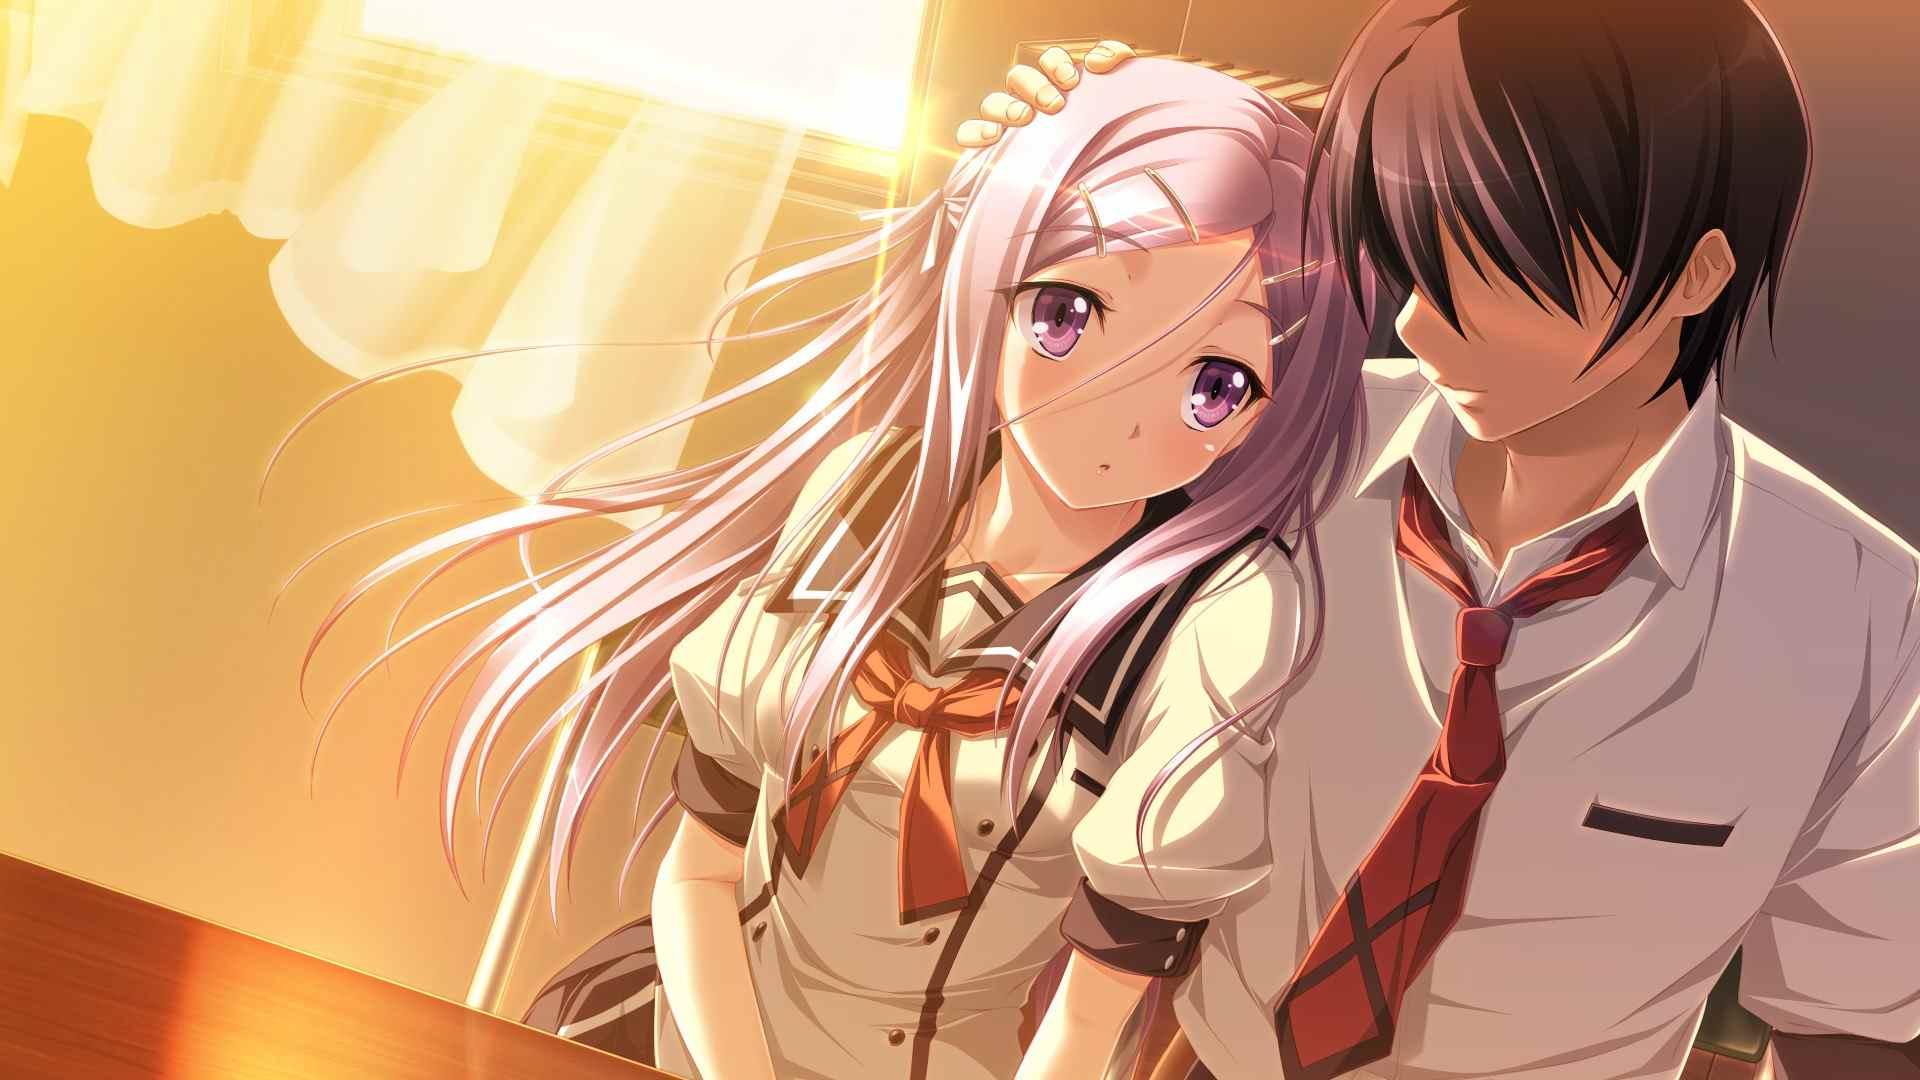 Красивые фото аниме парней и девушек, картинки 23